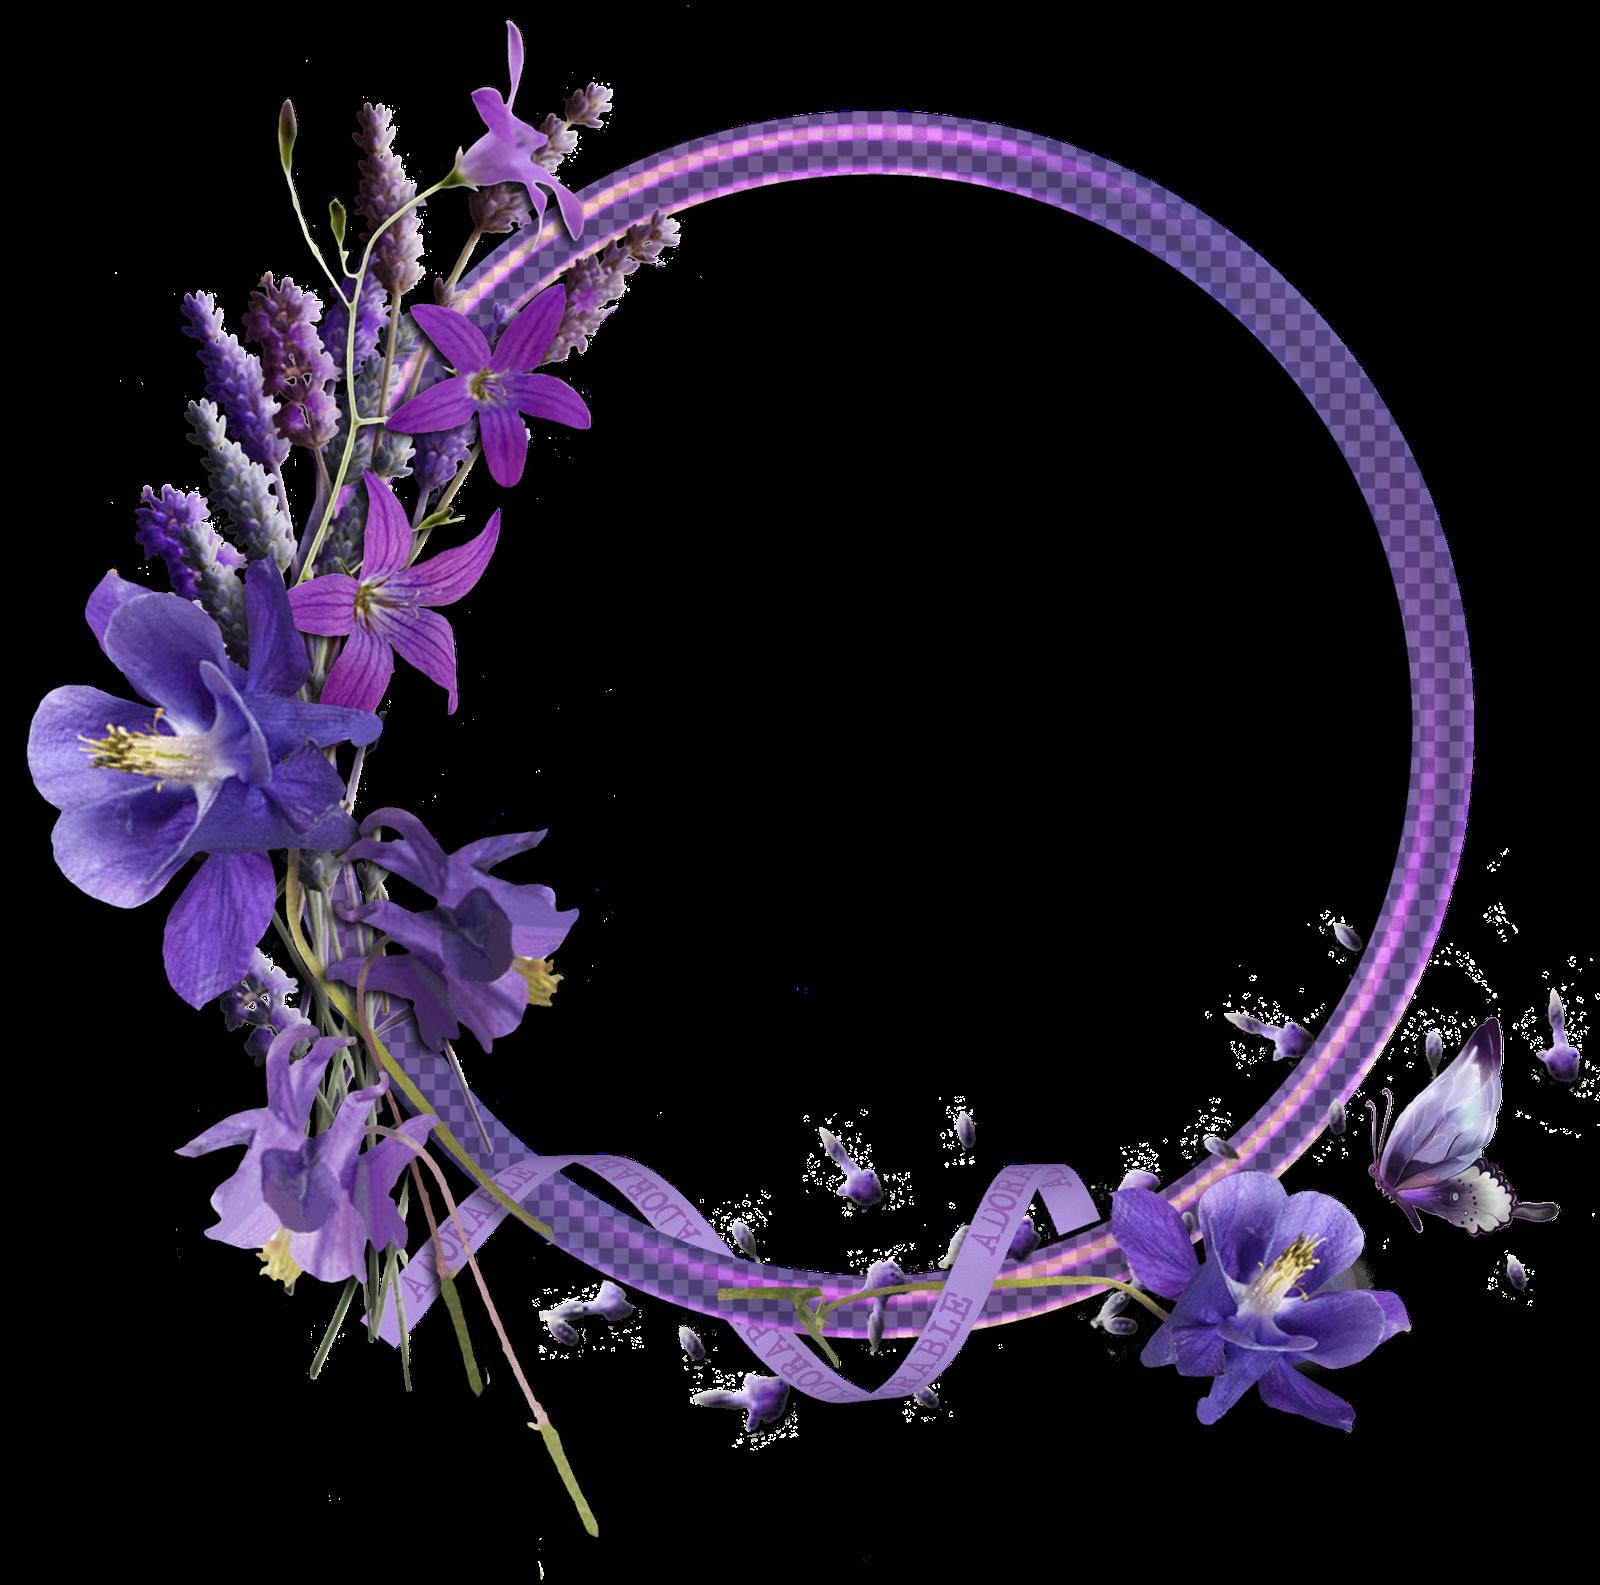 Png1 Png Imagem Png 1600 1585 Pixels Flower Border Floral Border Floral Wreaths Illustration